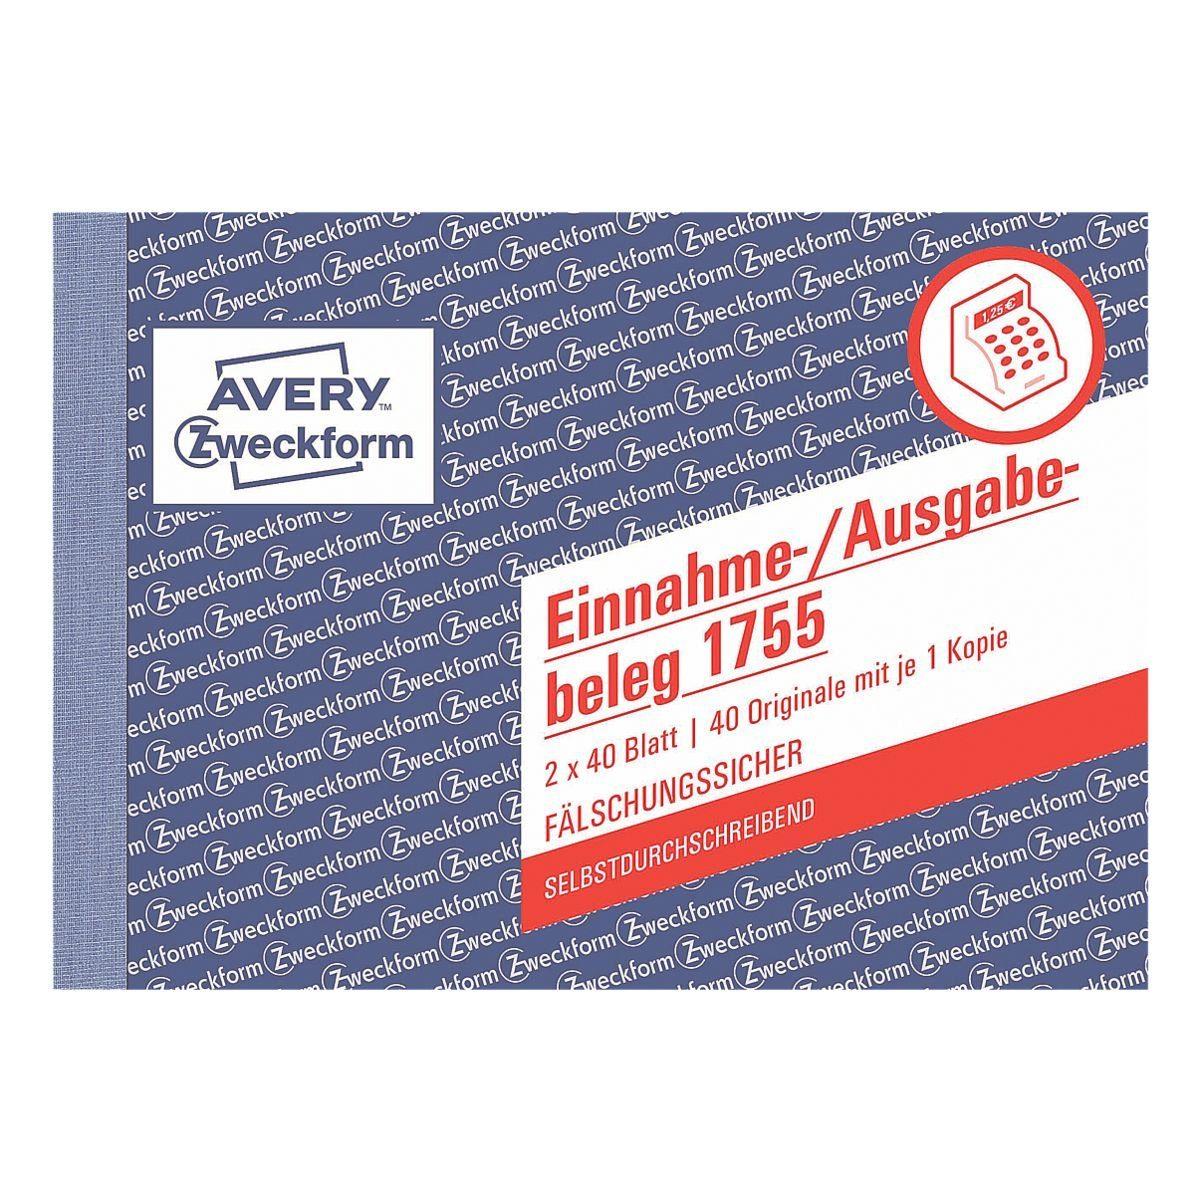 Avery Zweckform Formularbuch »Einnahme-/Ausgabebeleg mit Dokumentendruck«